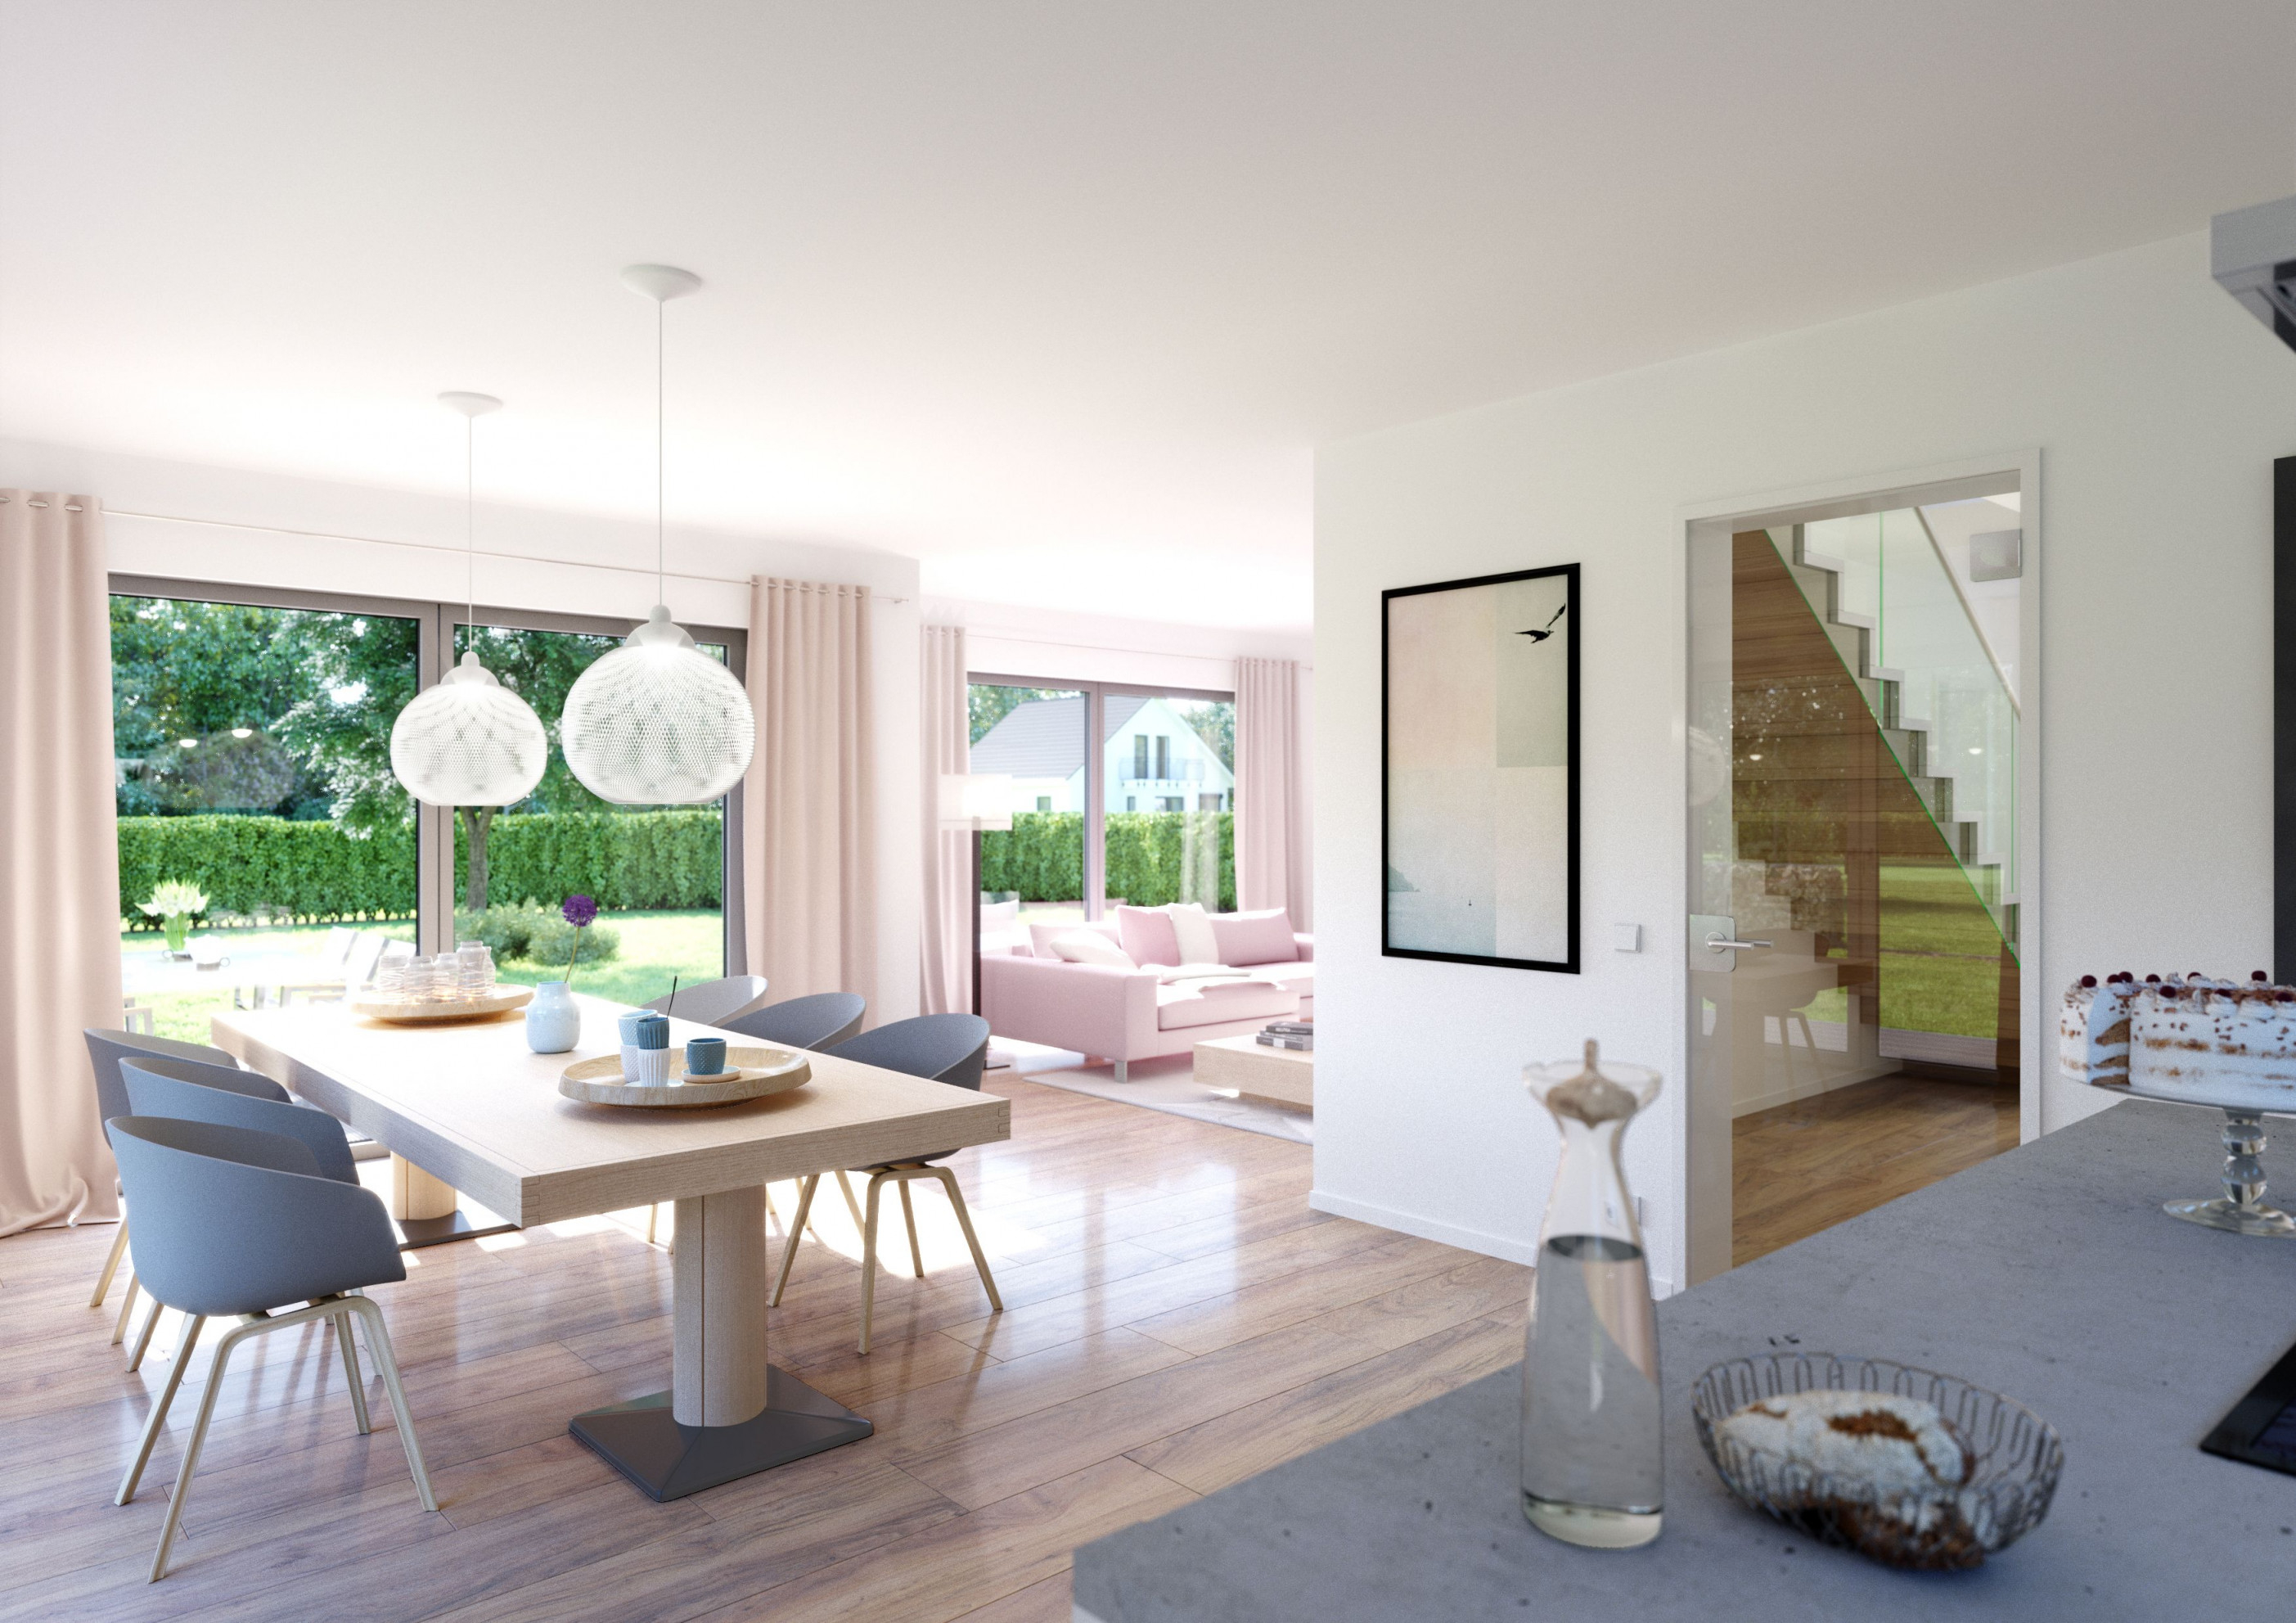 Familienhaus Vero  Satteldach Mit Flacher Dachneigung von Offenes Wohnzimmer Einrichten Bild